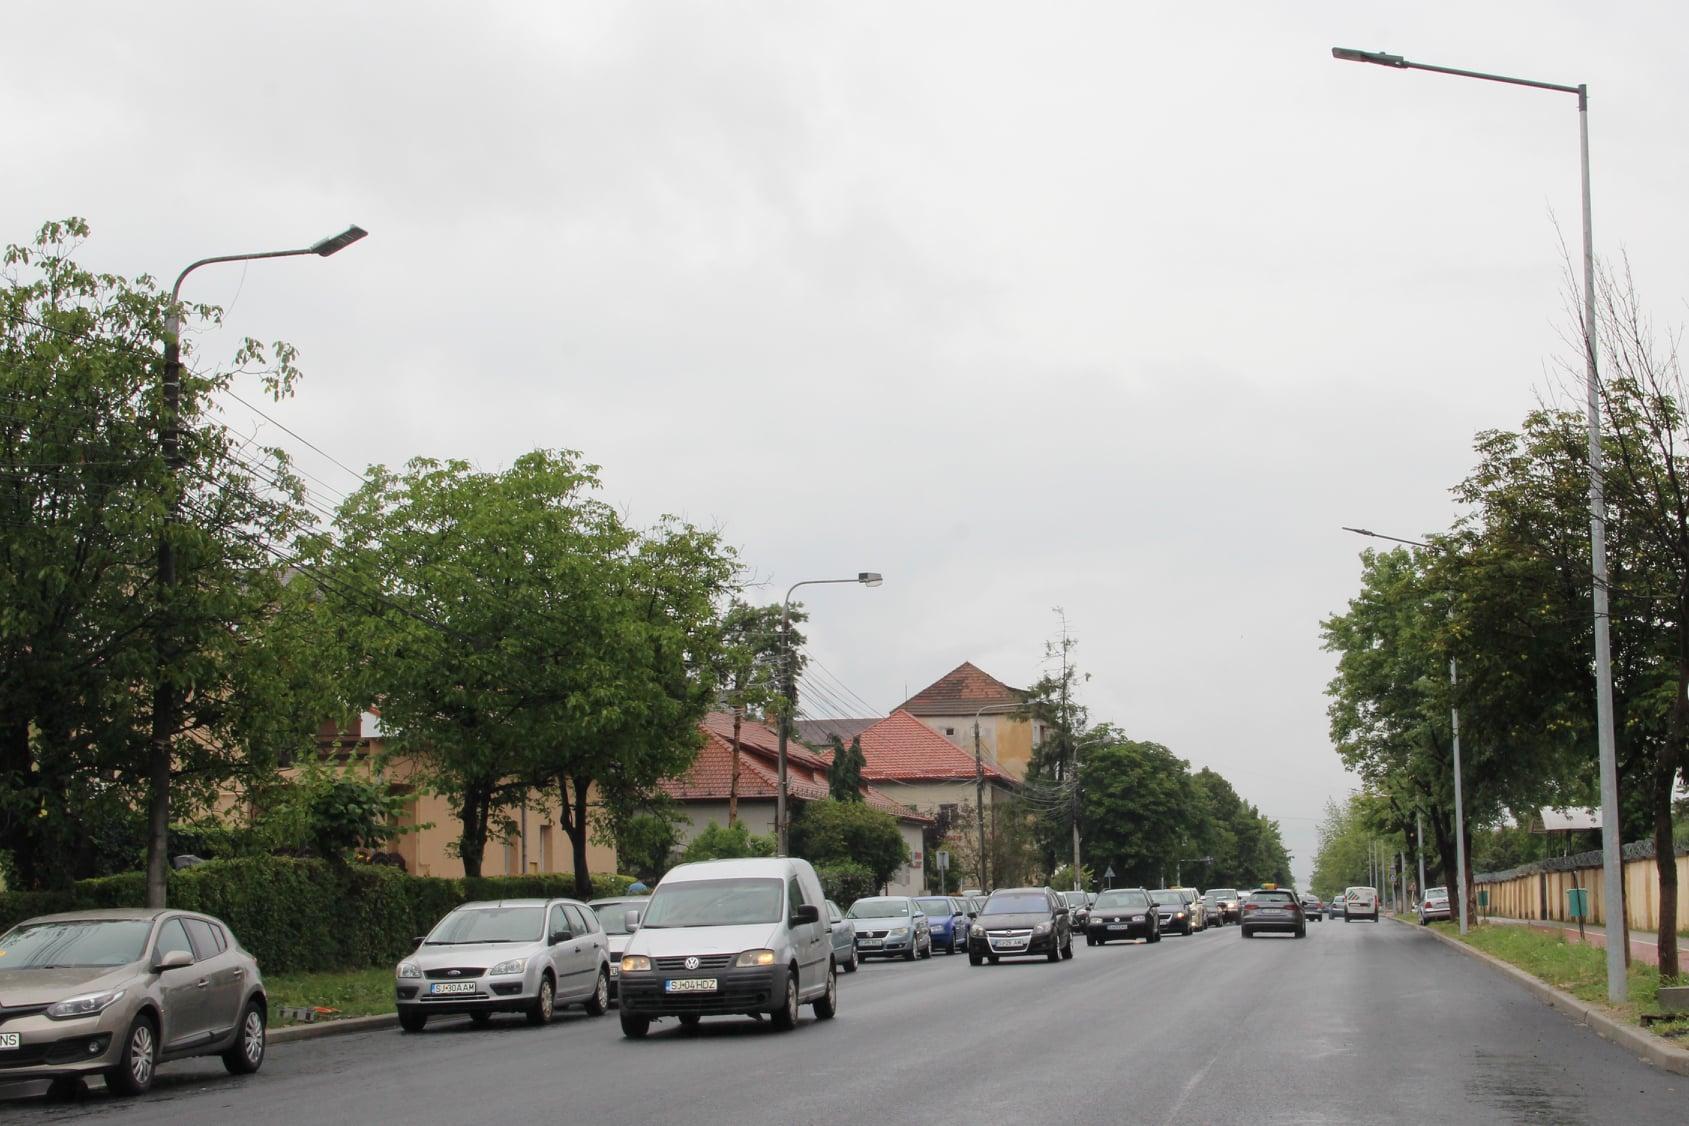 31 august, termen pentru introducerea în subteran a rețelelor de telecomunicații pe strada Simion Bărnuțiu